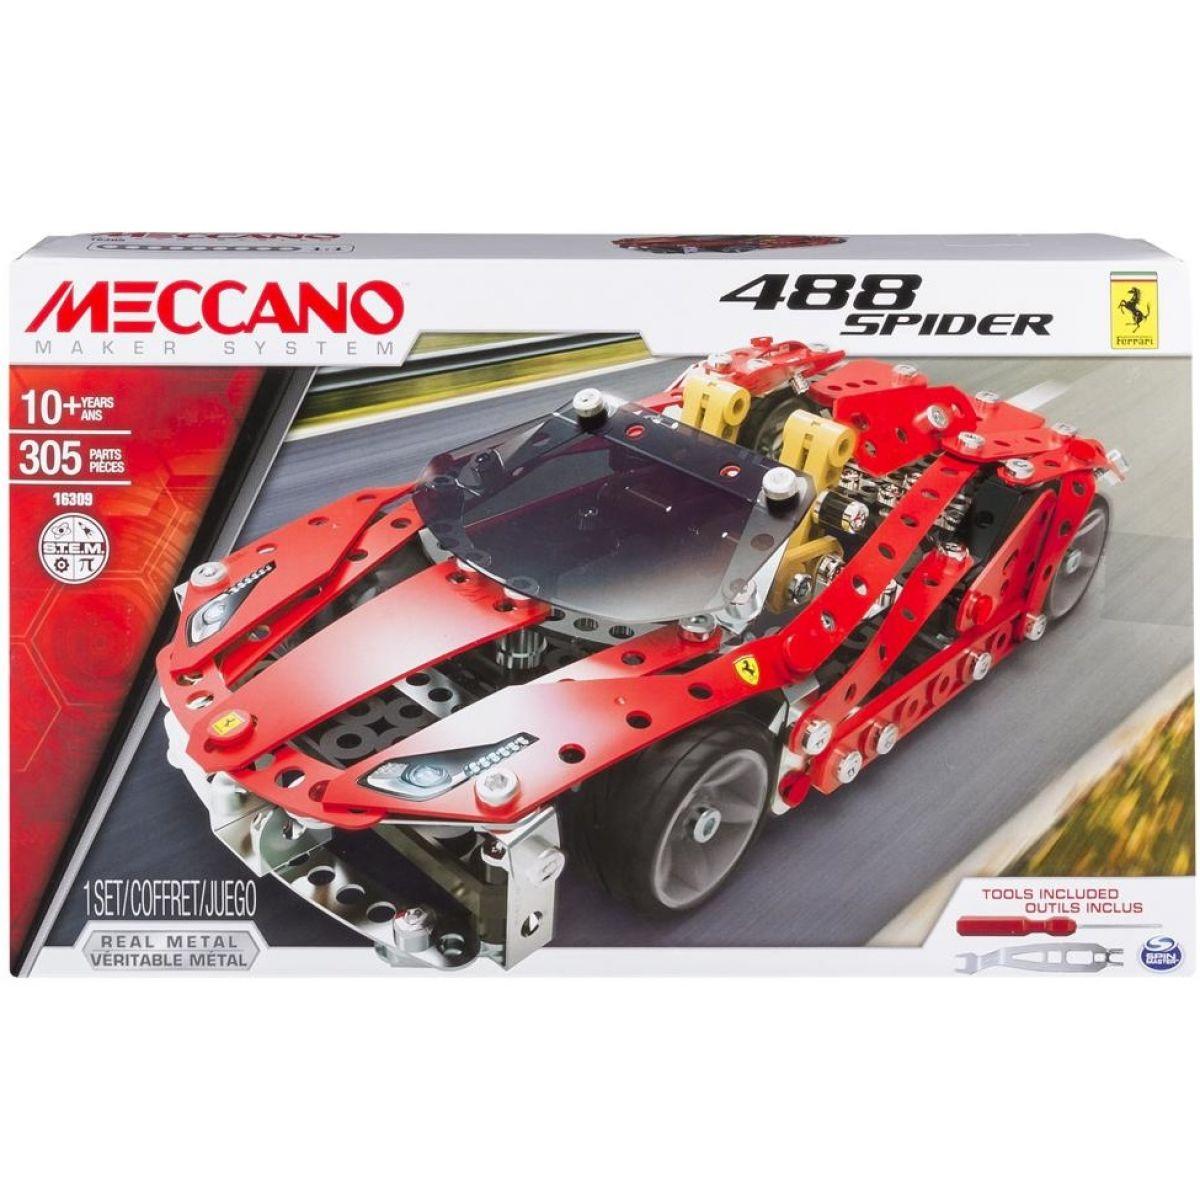 Meccano Stavebnice Ferrari 488 Spider